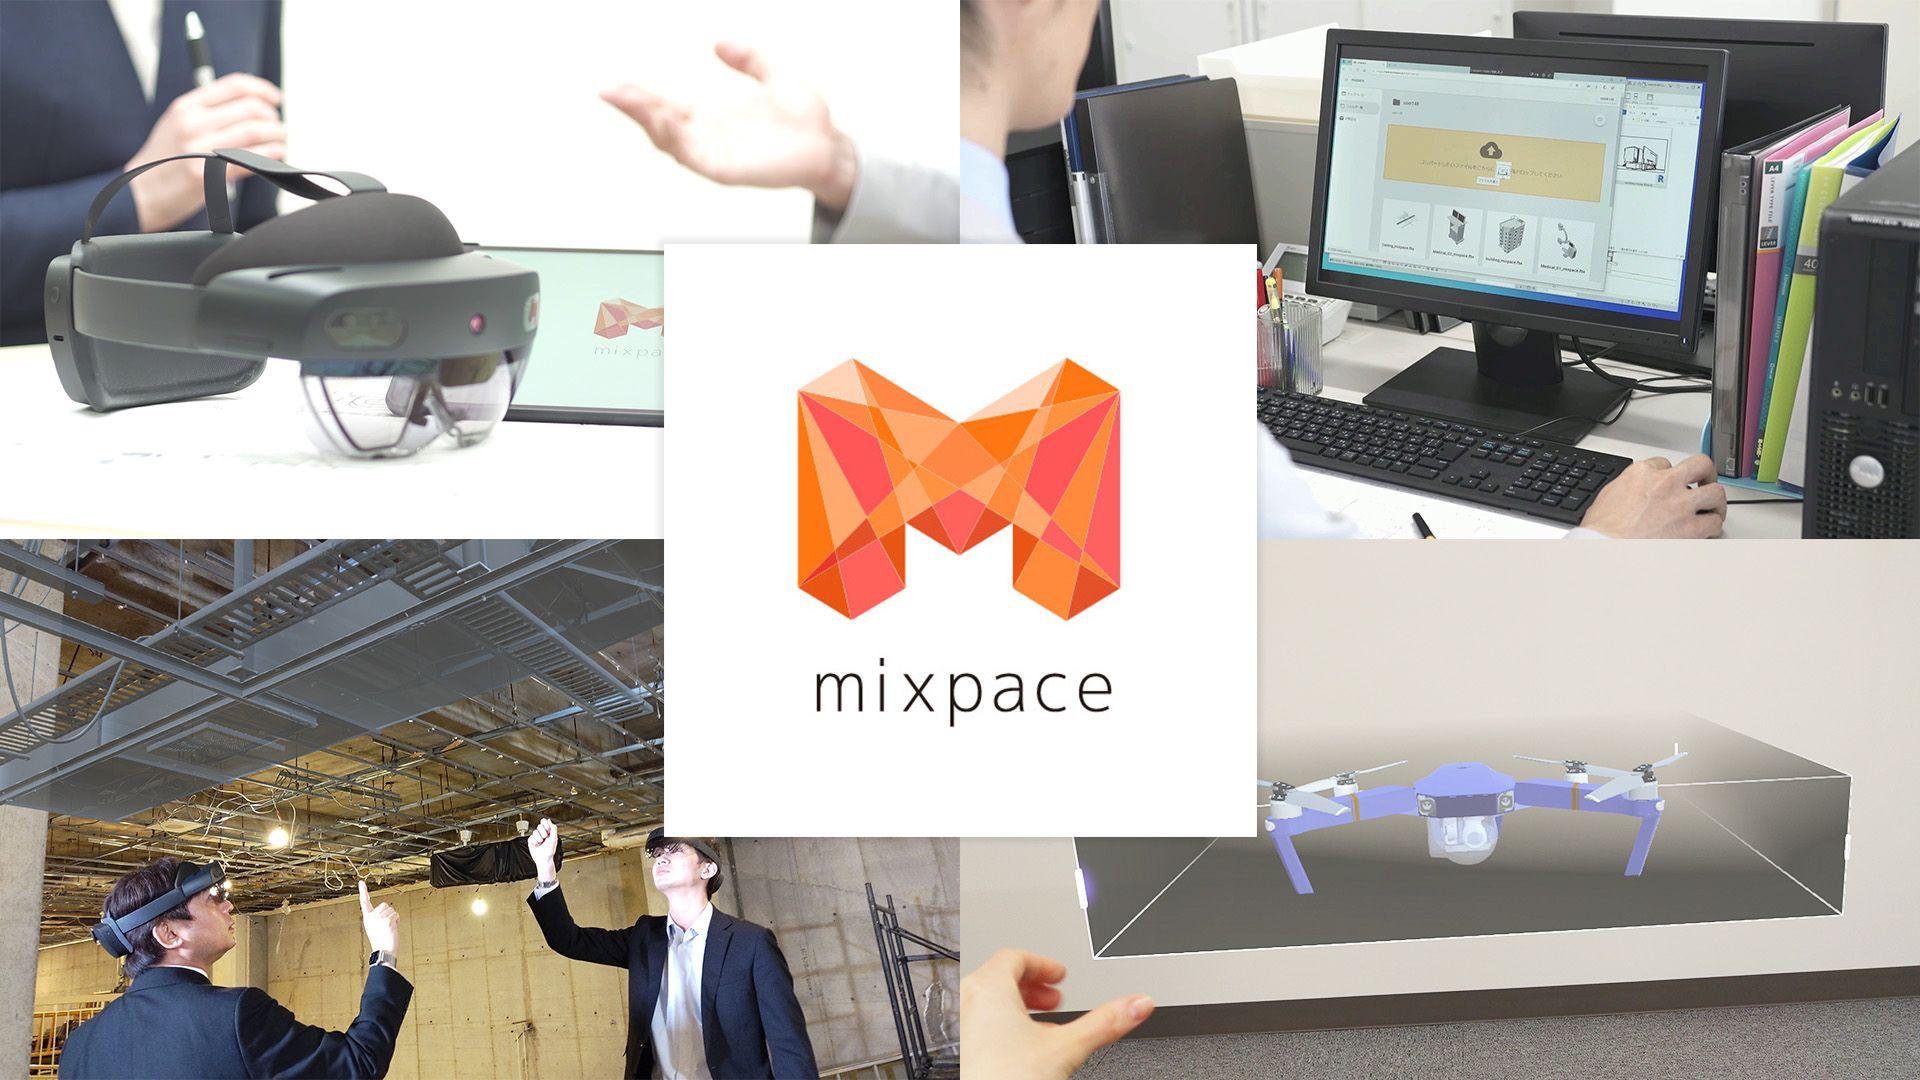 ARマーカーを活用した機能追加!アプリ「mixpace」で3Dモデル表示が可能に